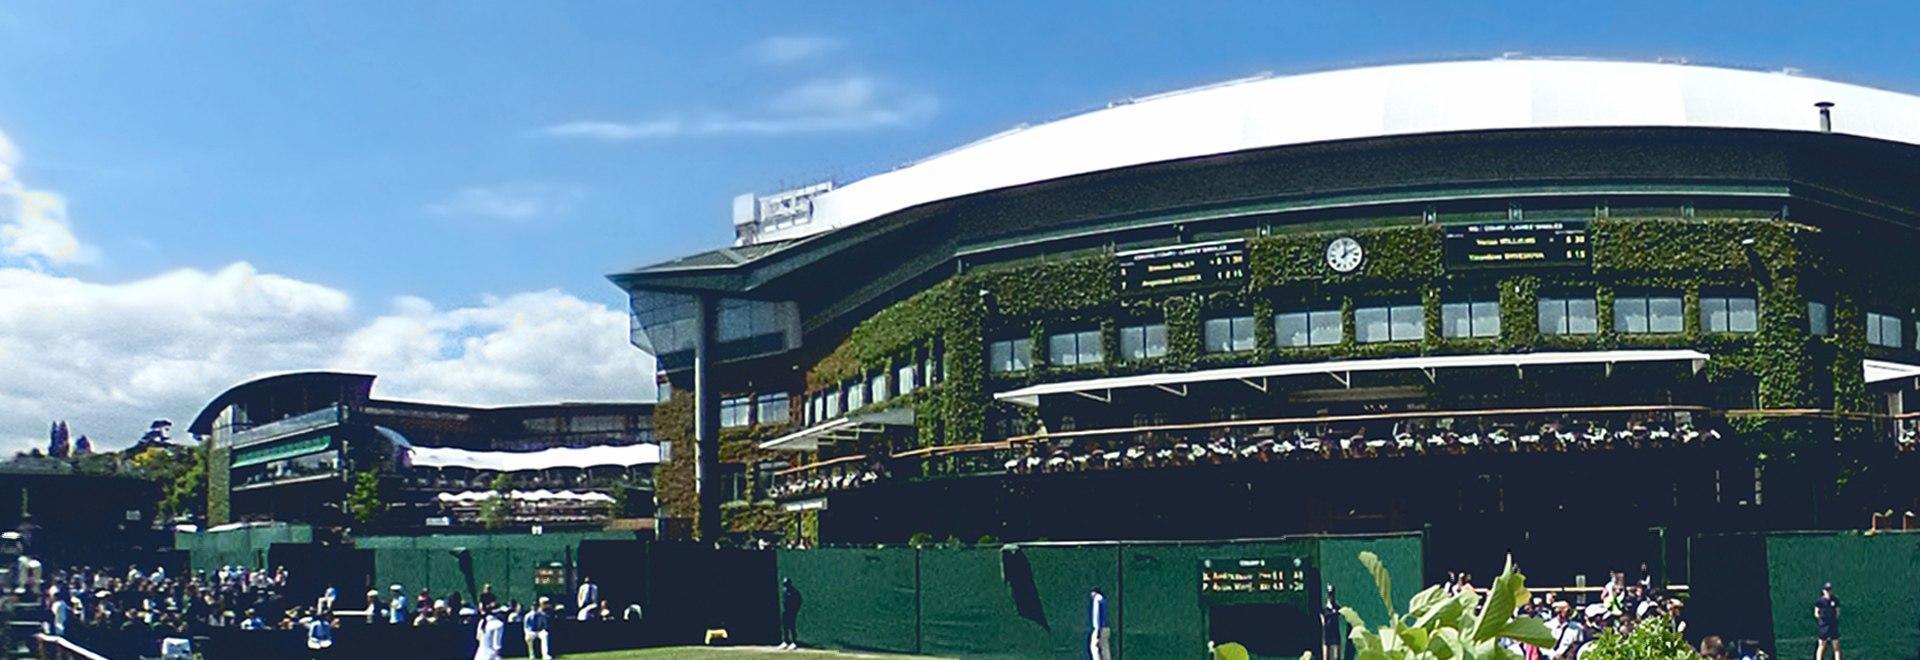 Wimbledon 2009: Schiavone - Razzano. Quarto turno